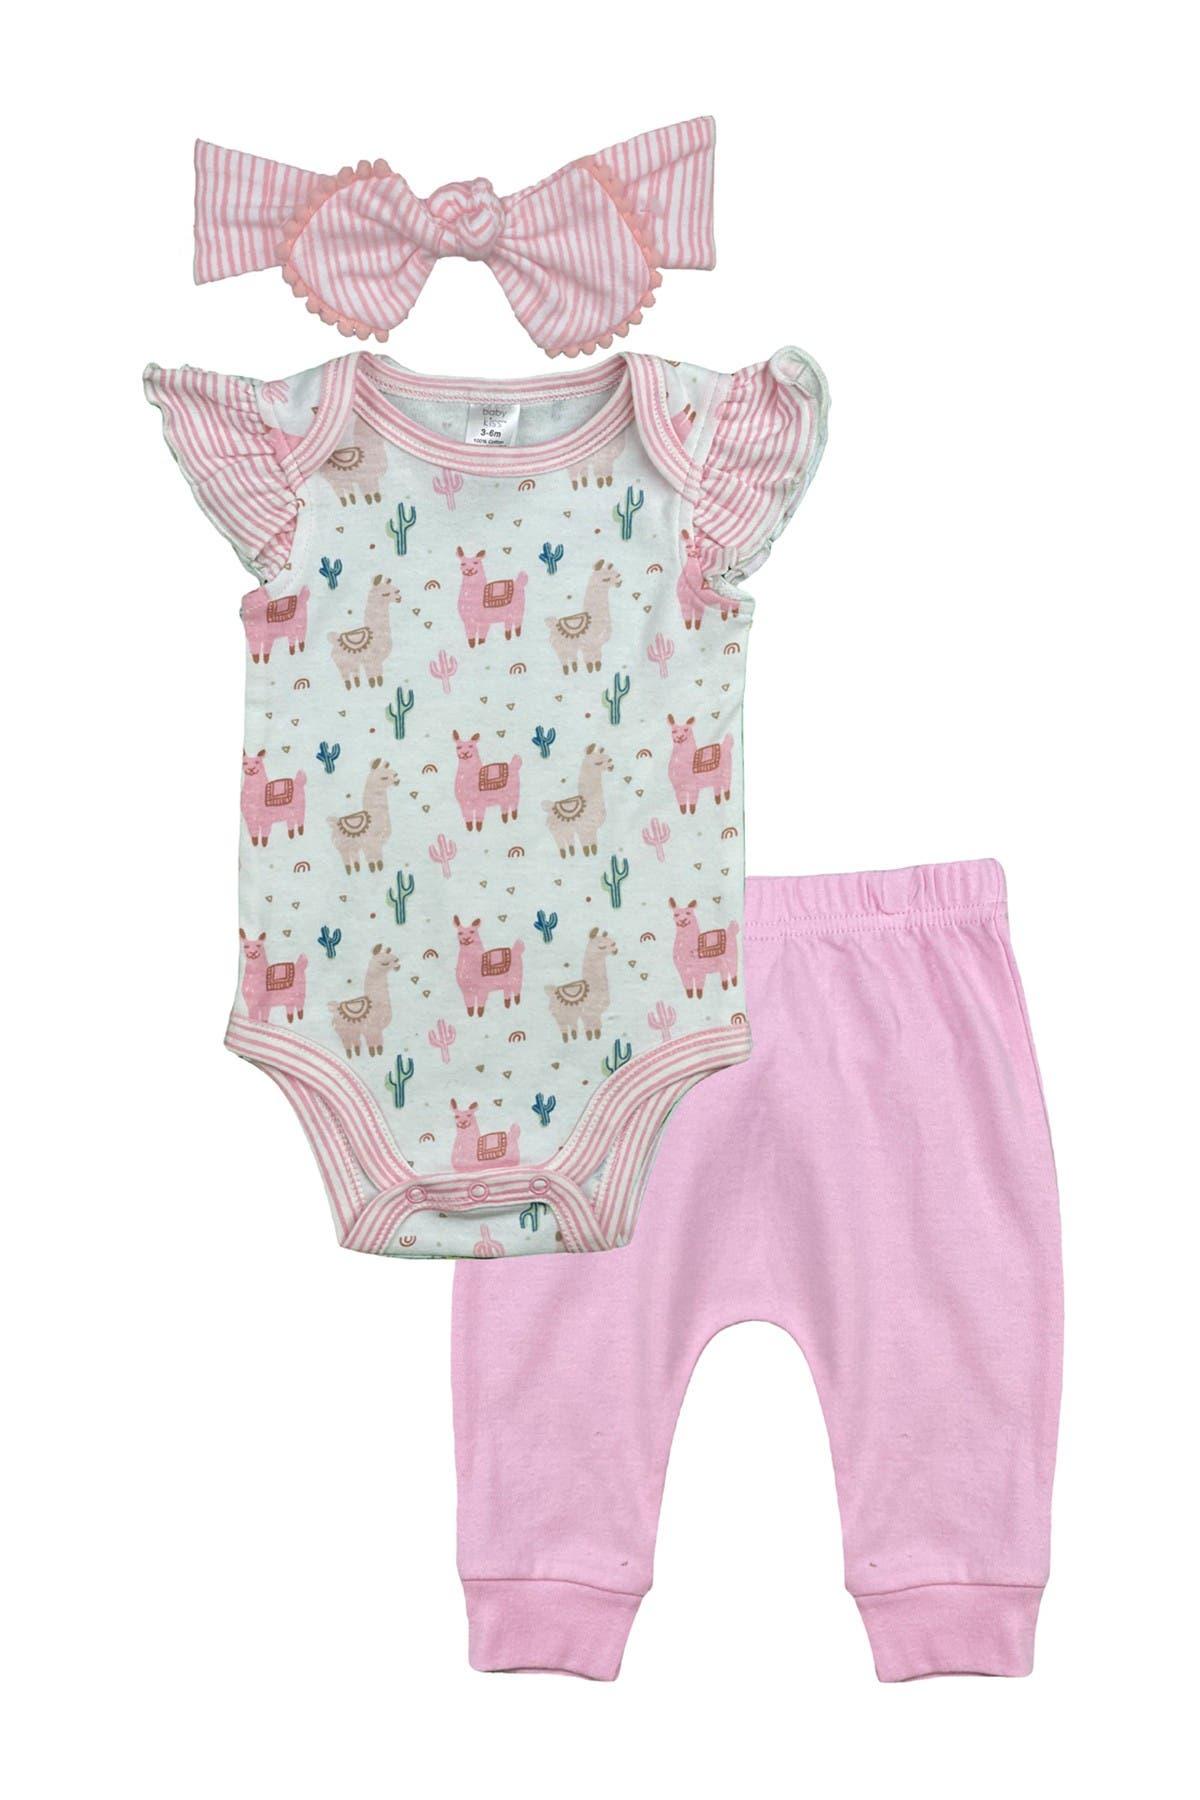 Image of Modern Baby Bodysuit, Pants & Headband